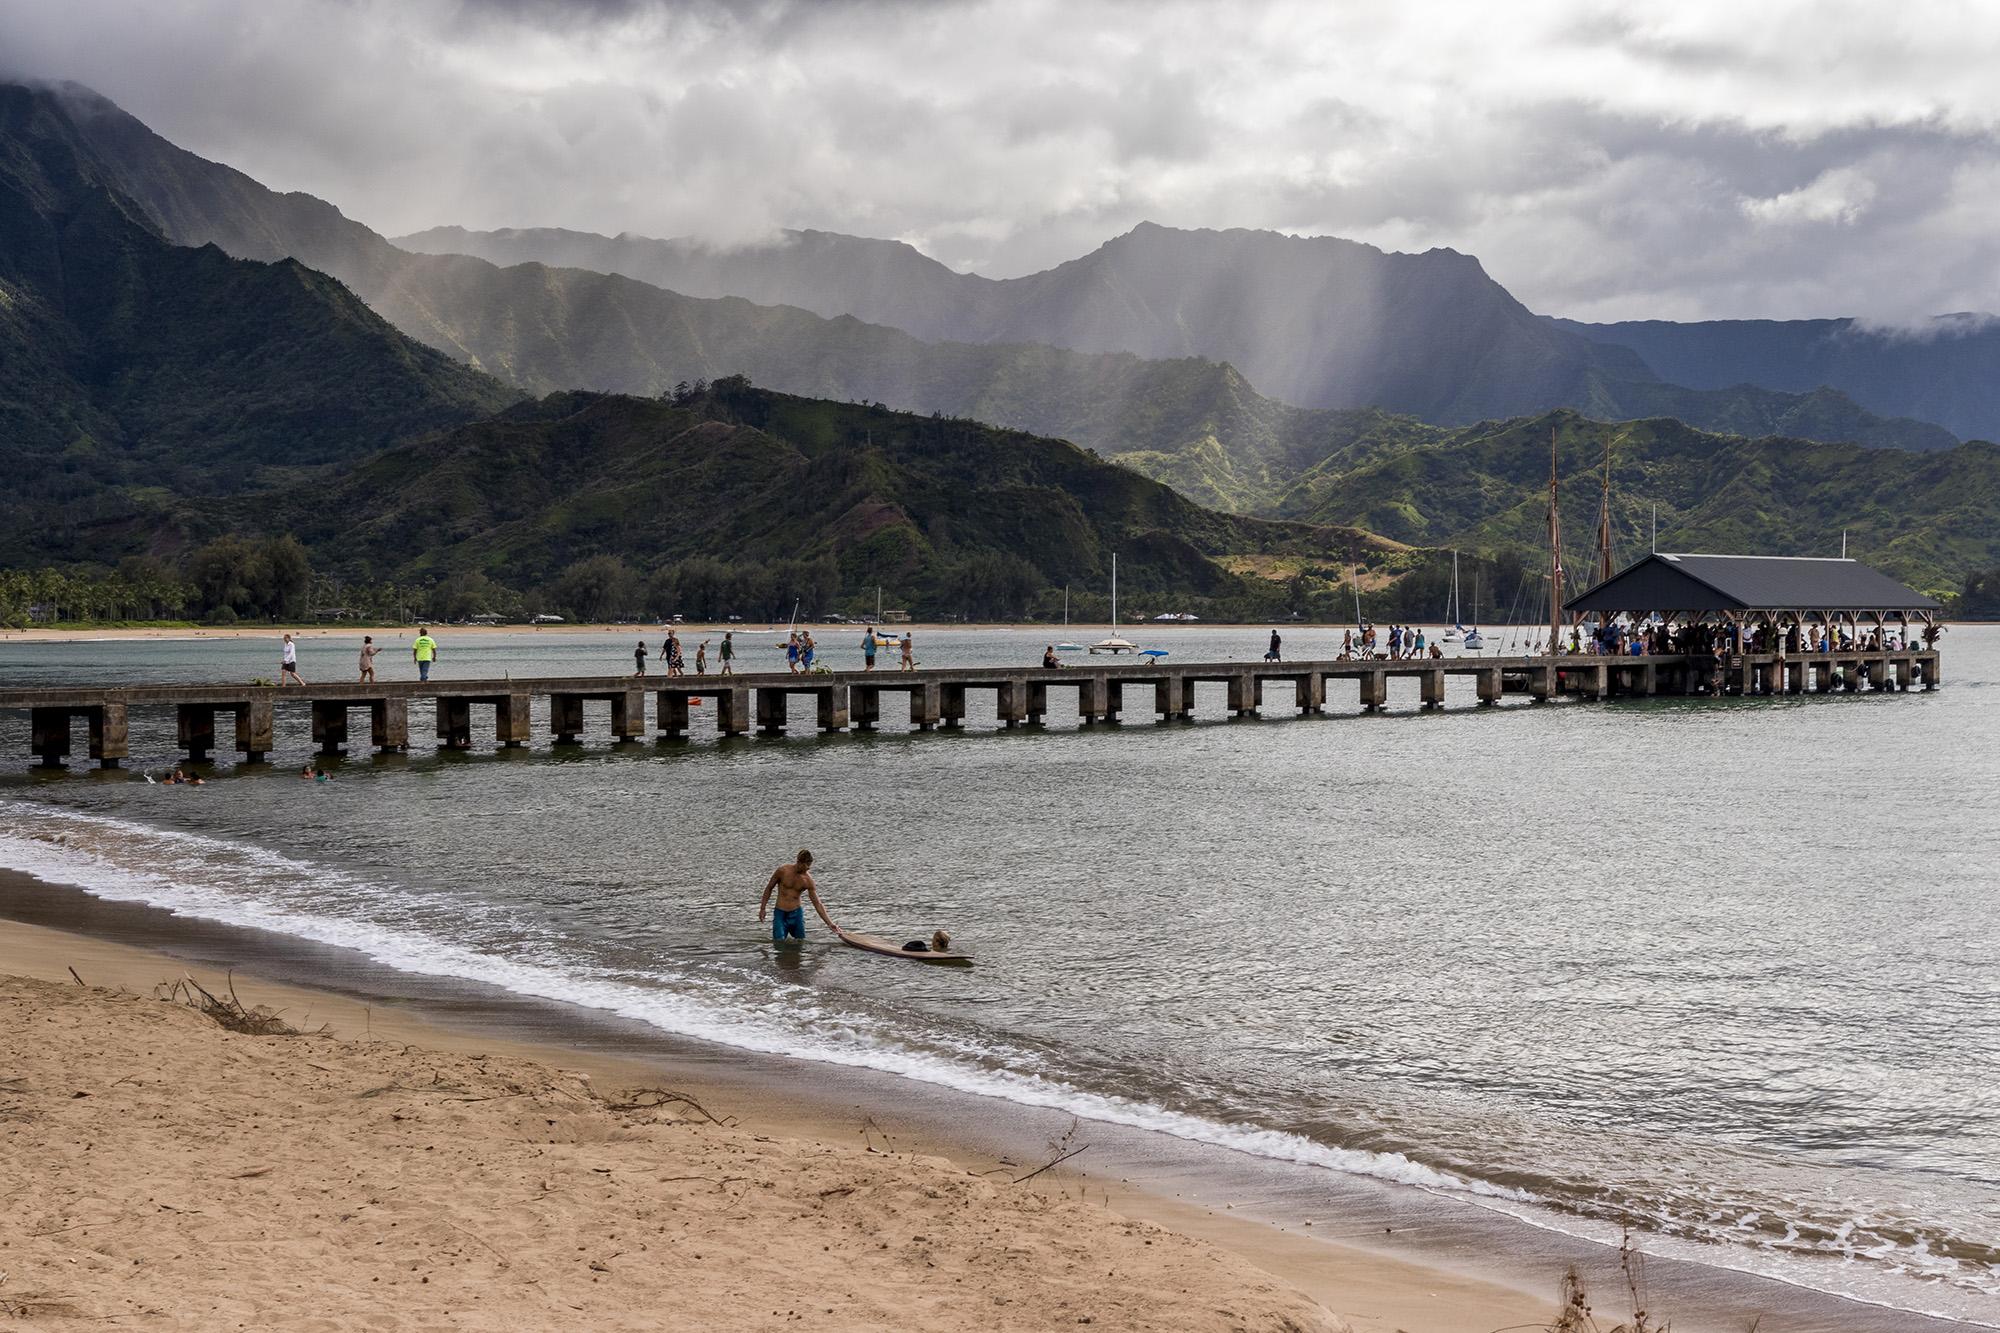 Hanalei Pier sur l'île Kauai de l'archipel d'Hawaï